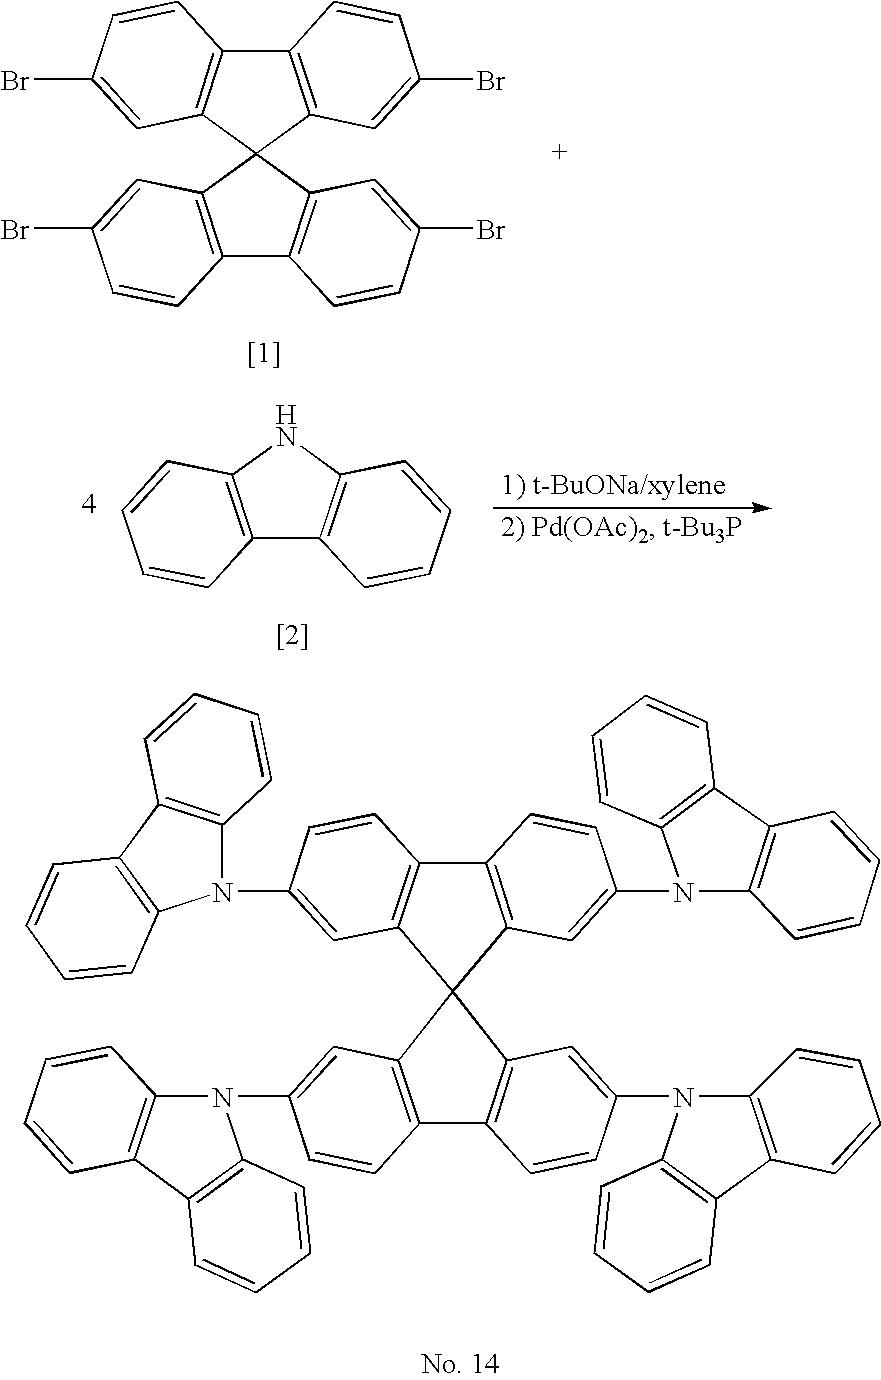 Figure US20060134425A1-20060622-C00033